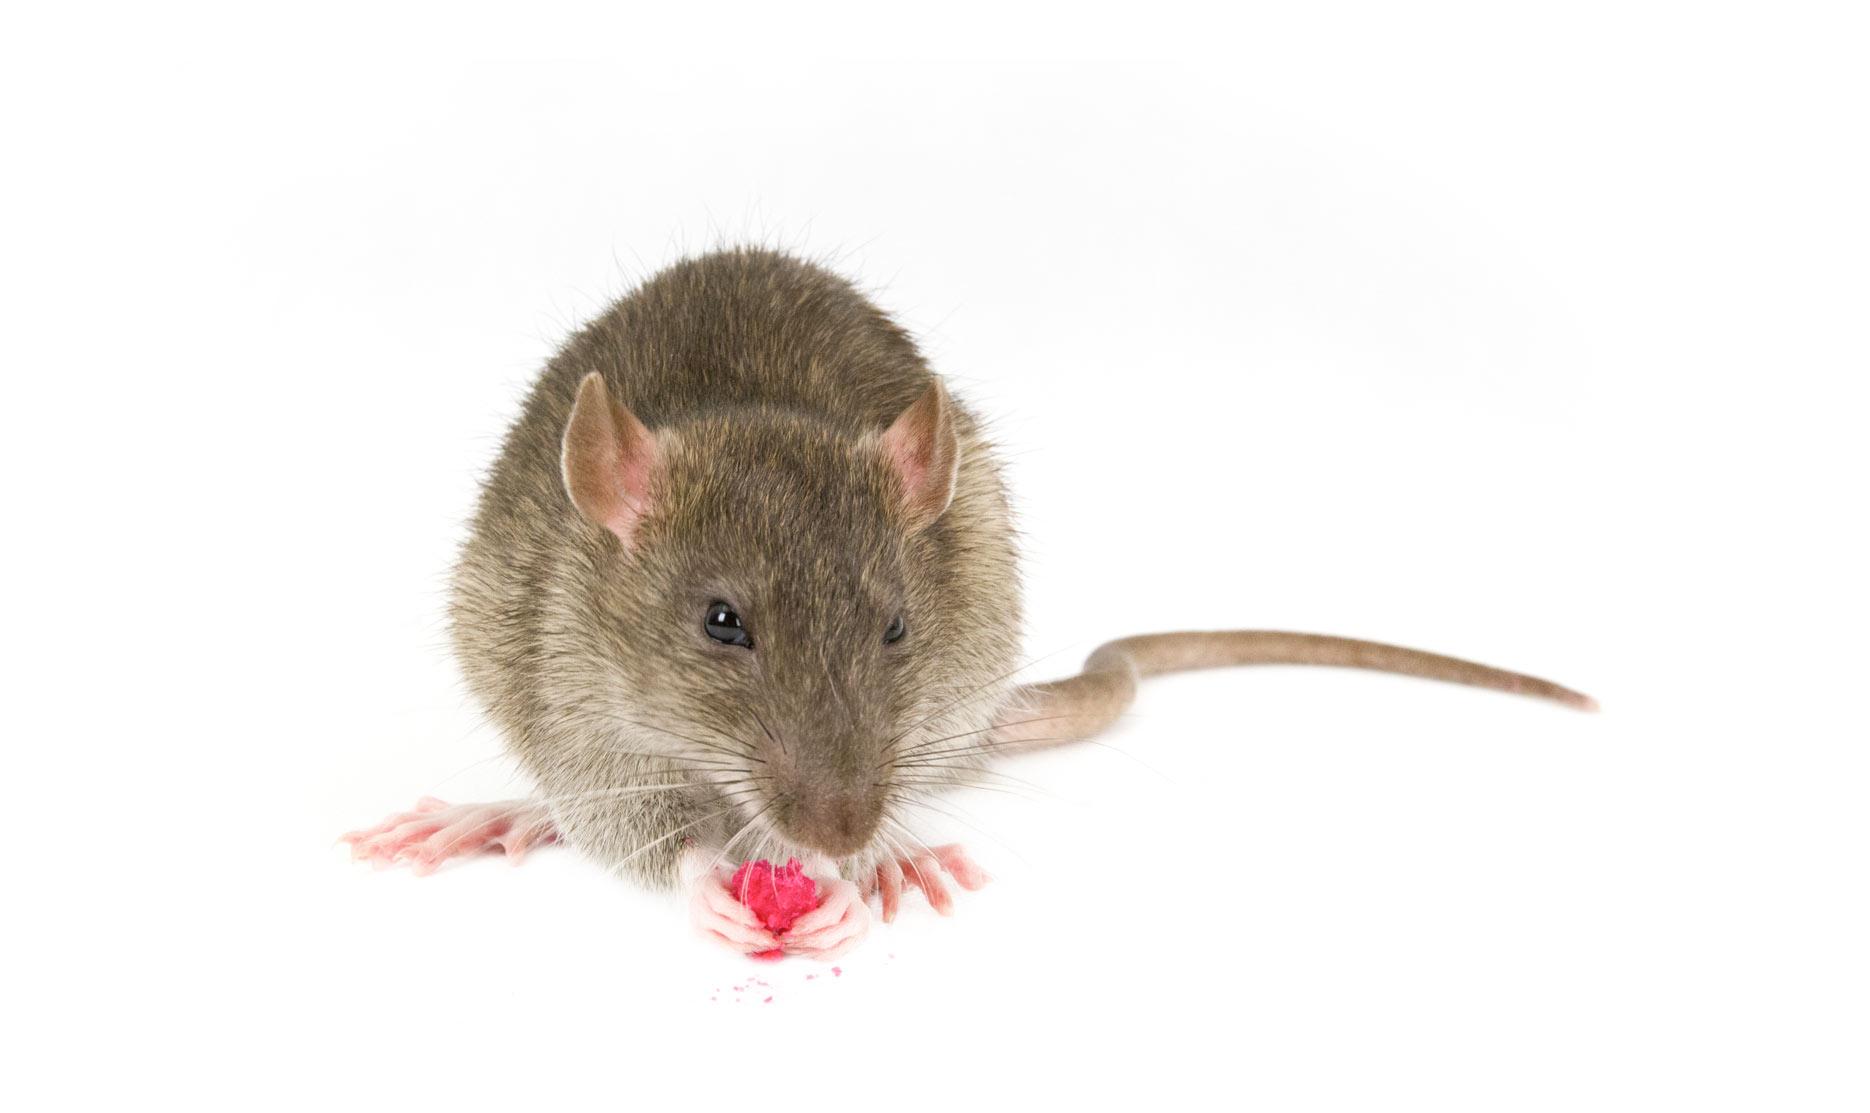 Ratón con raticida